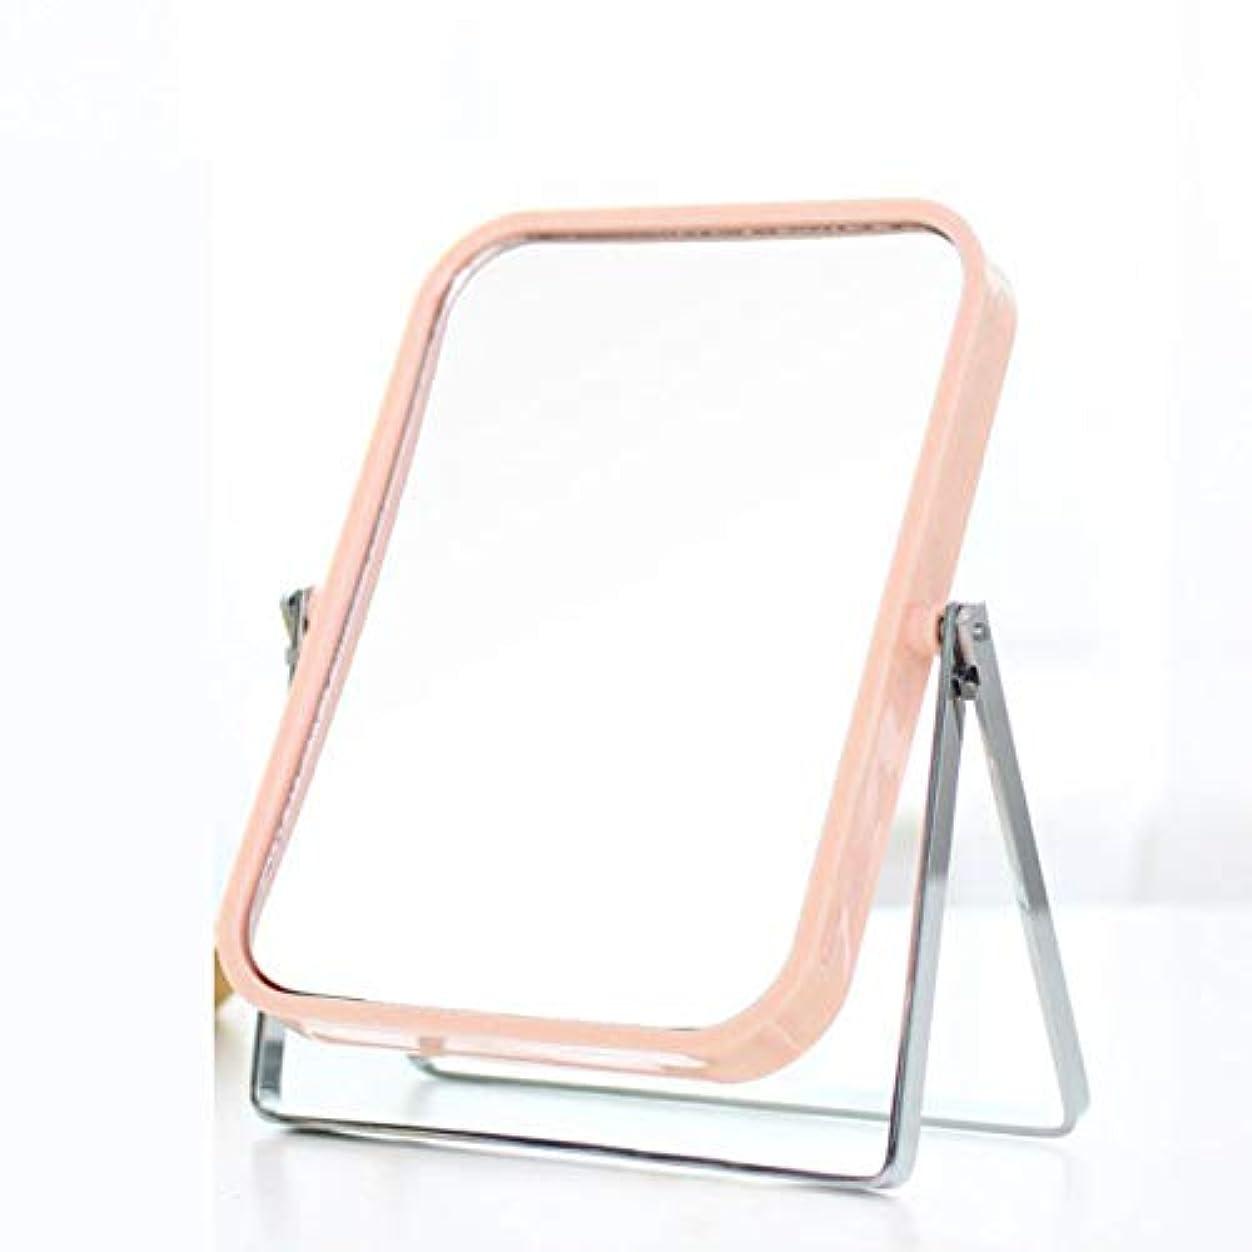 駅見通し怠な化粧鏡、シンプルな長方形の両面化粧鏡の化粧ギフト (Color : ピンク)